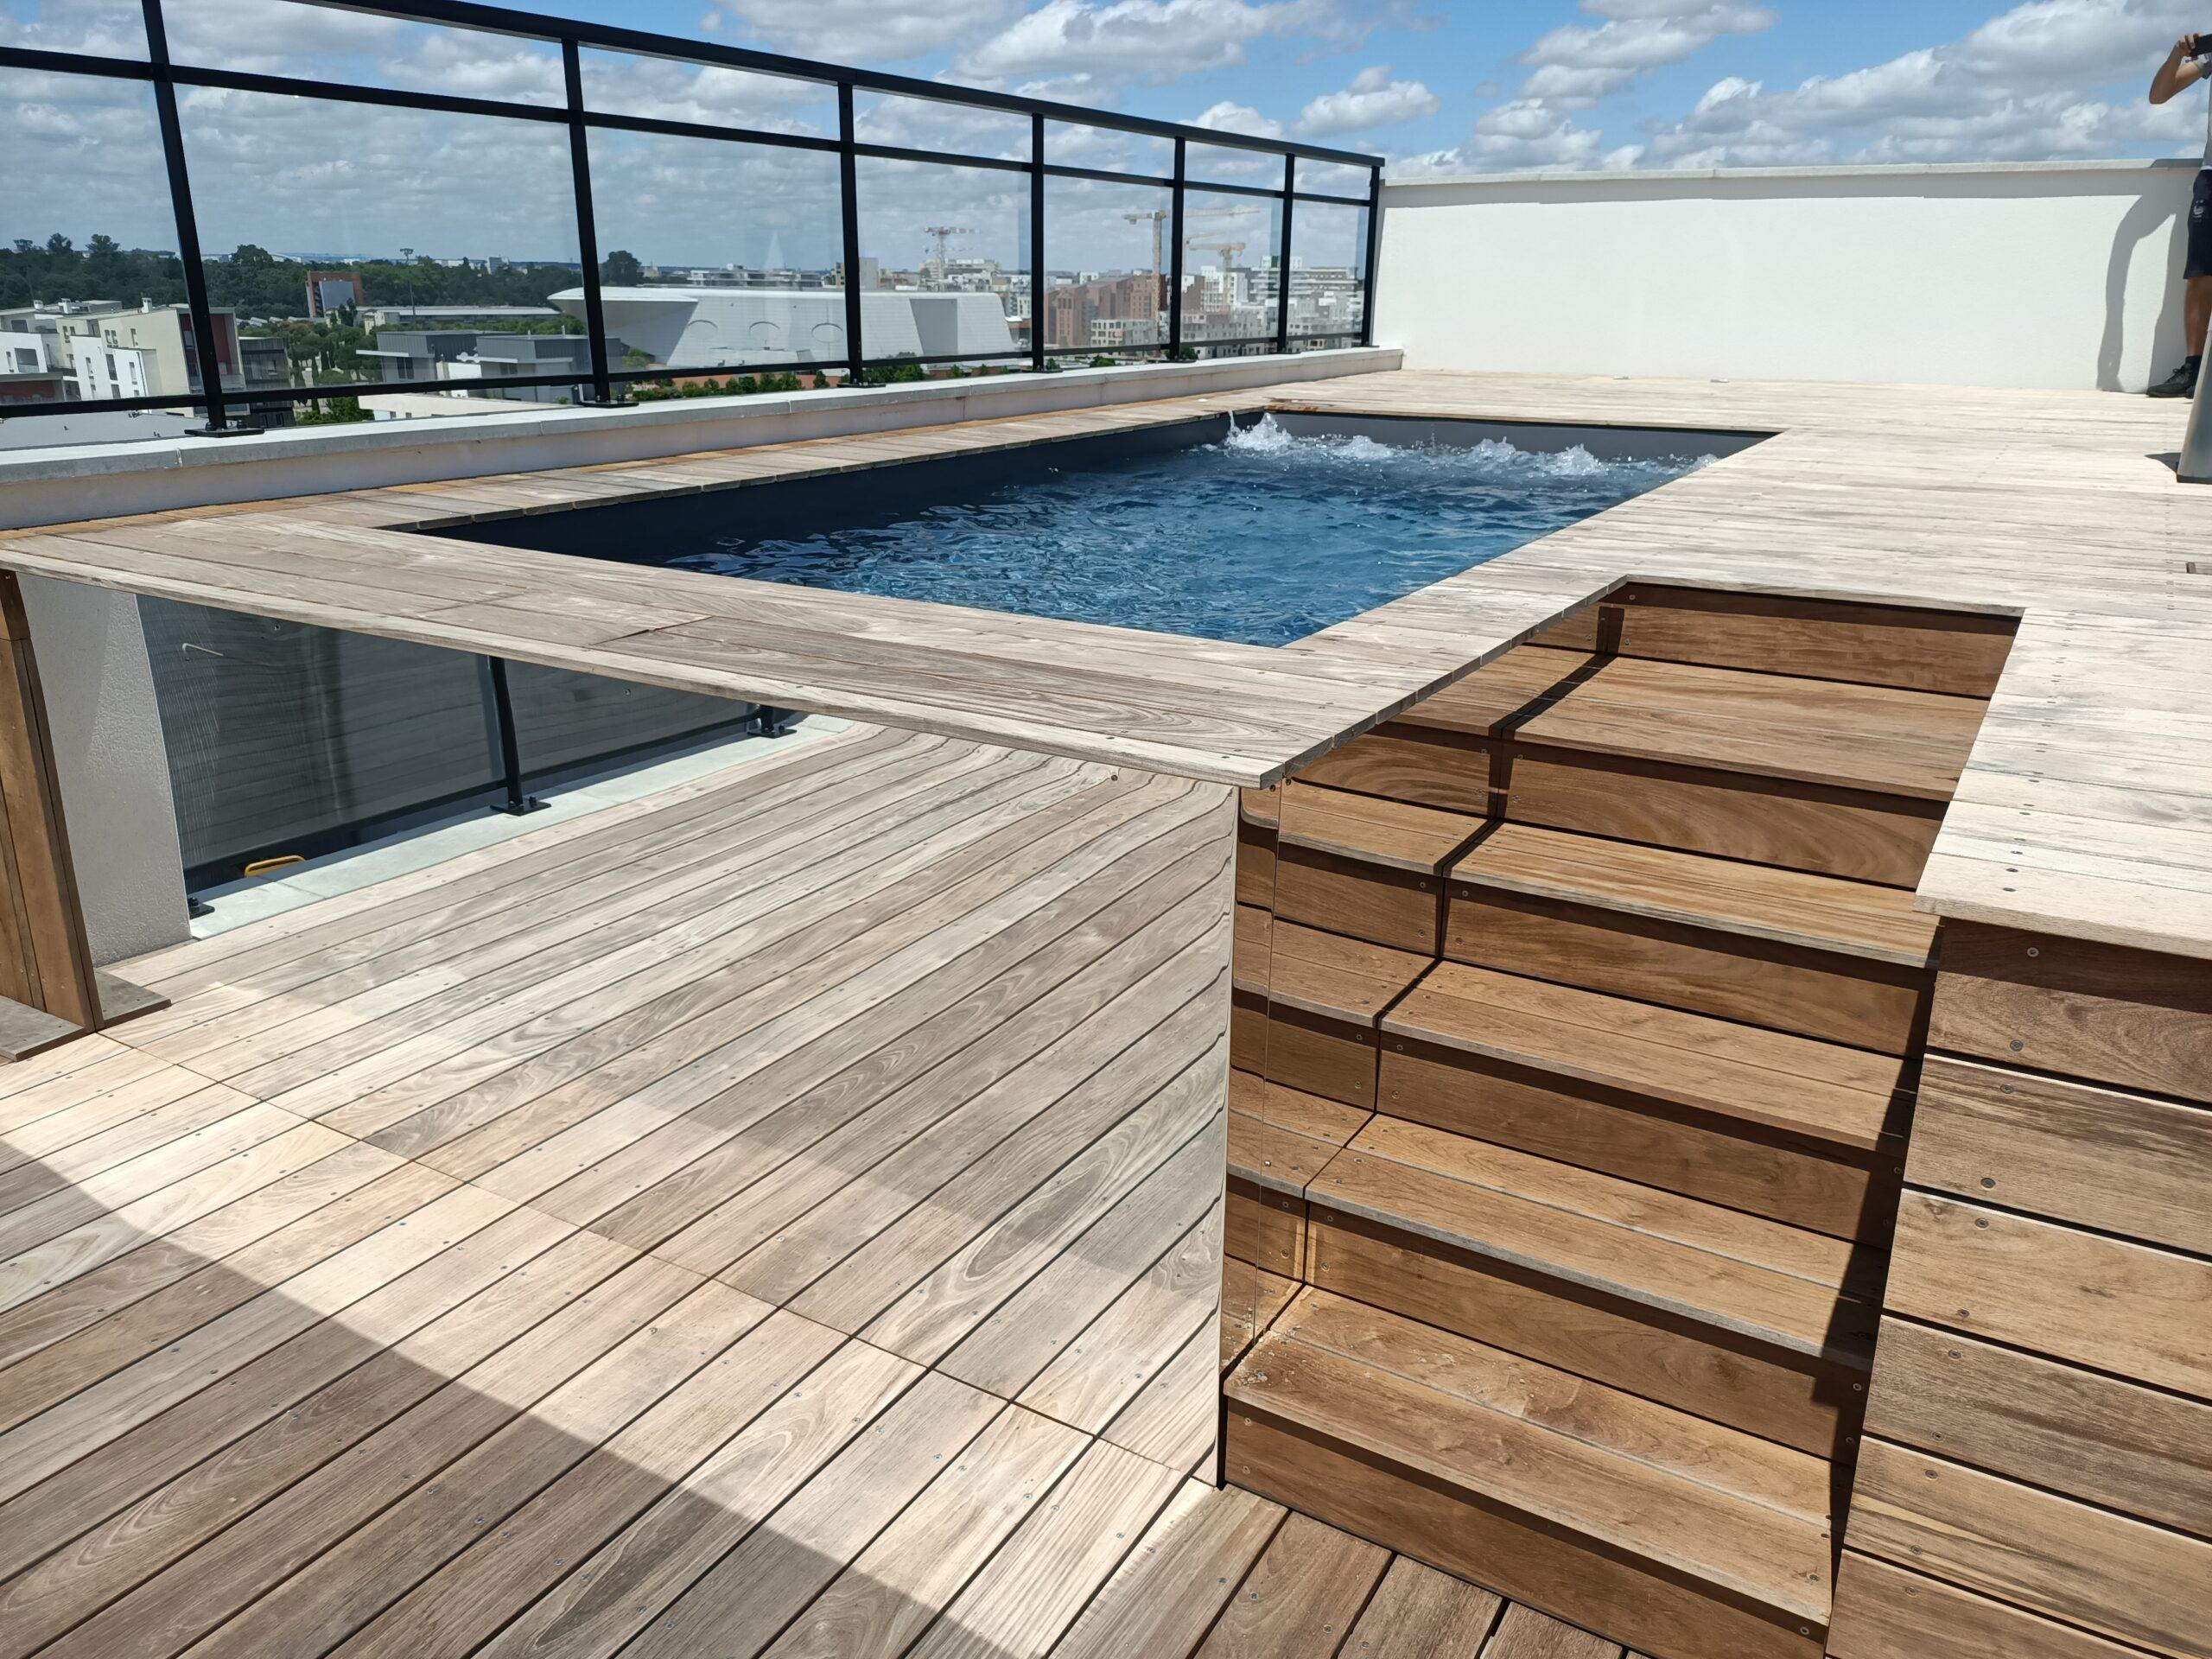 piscine de ville sur toit terrasse miroir